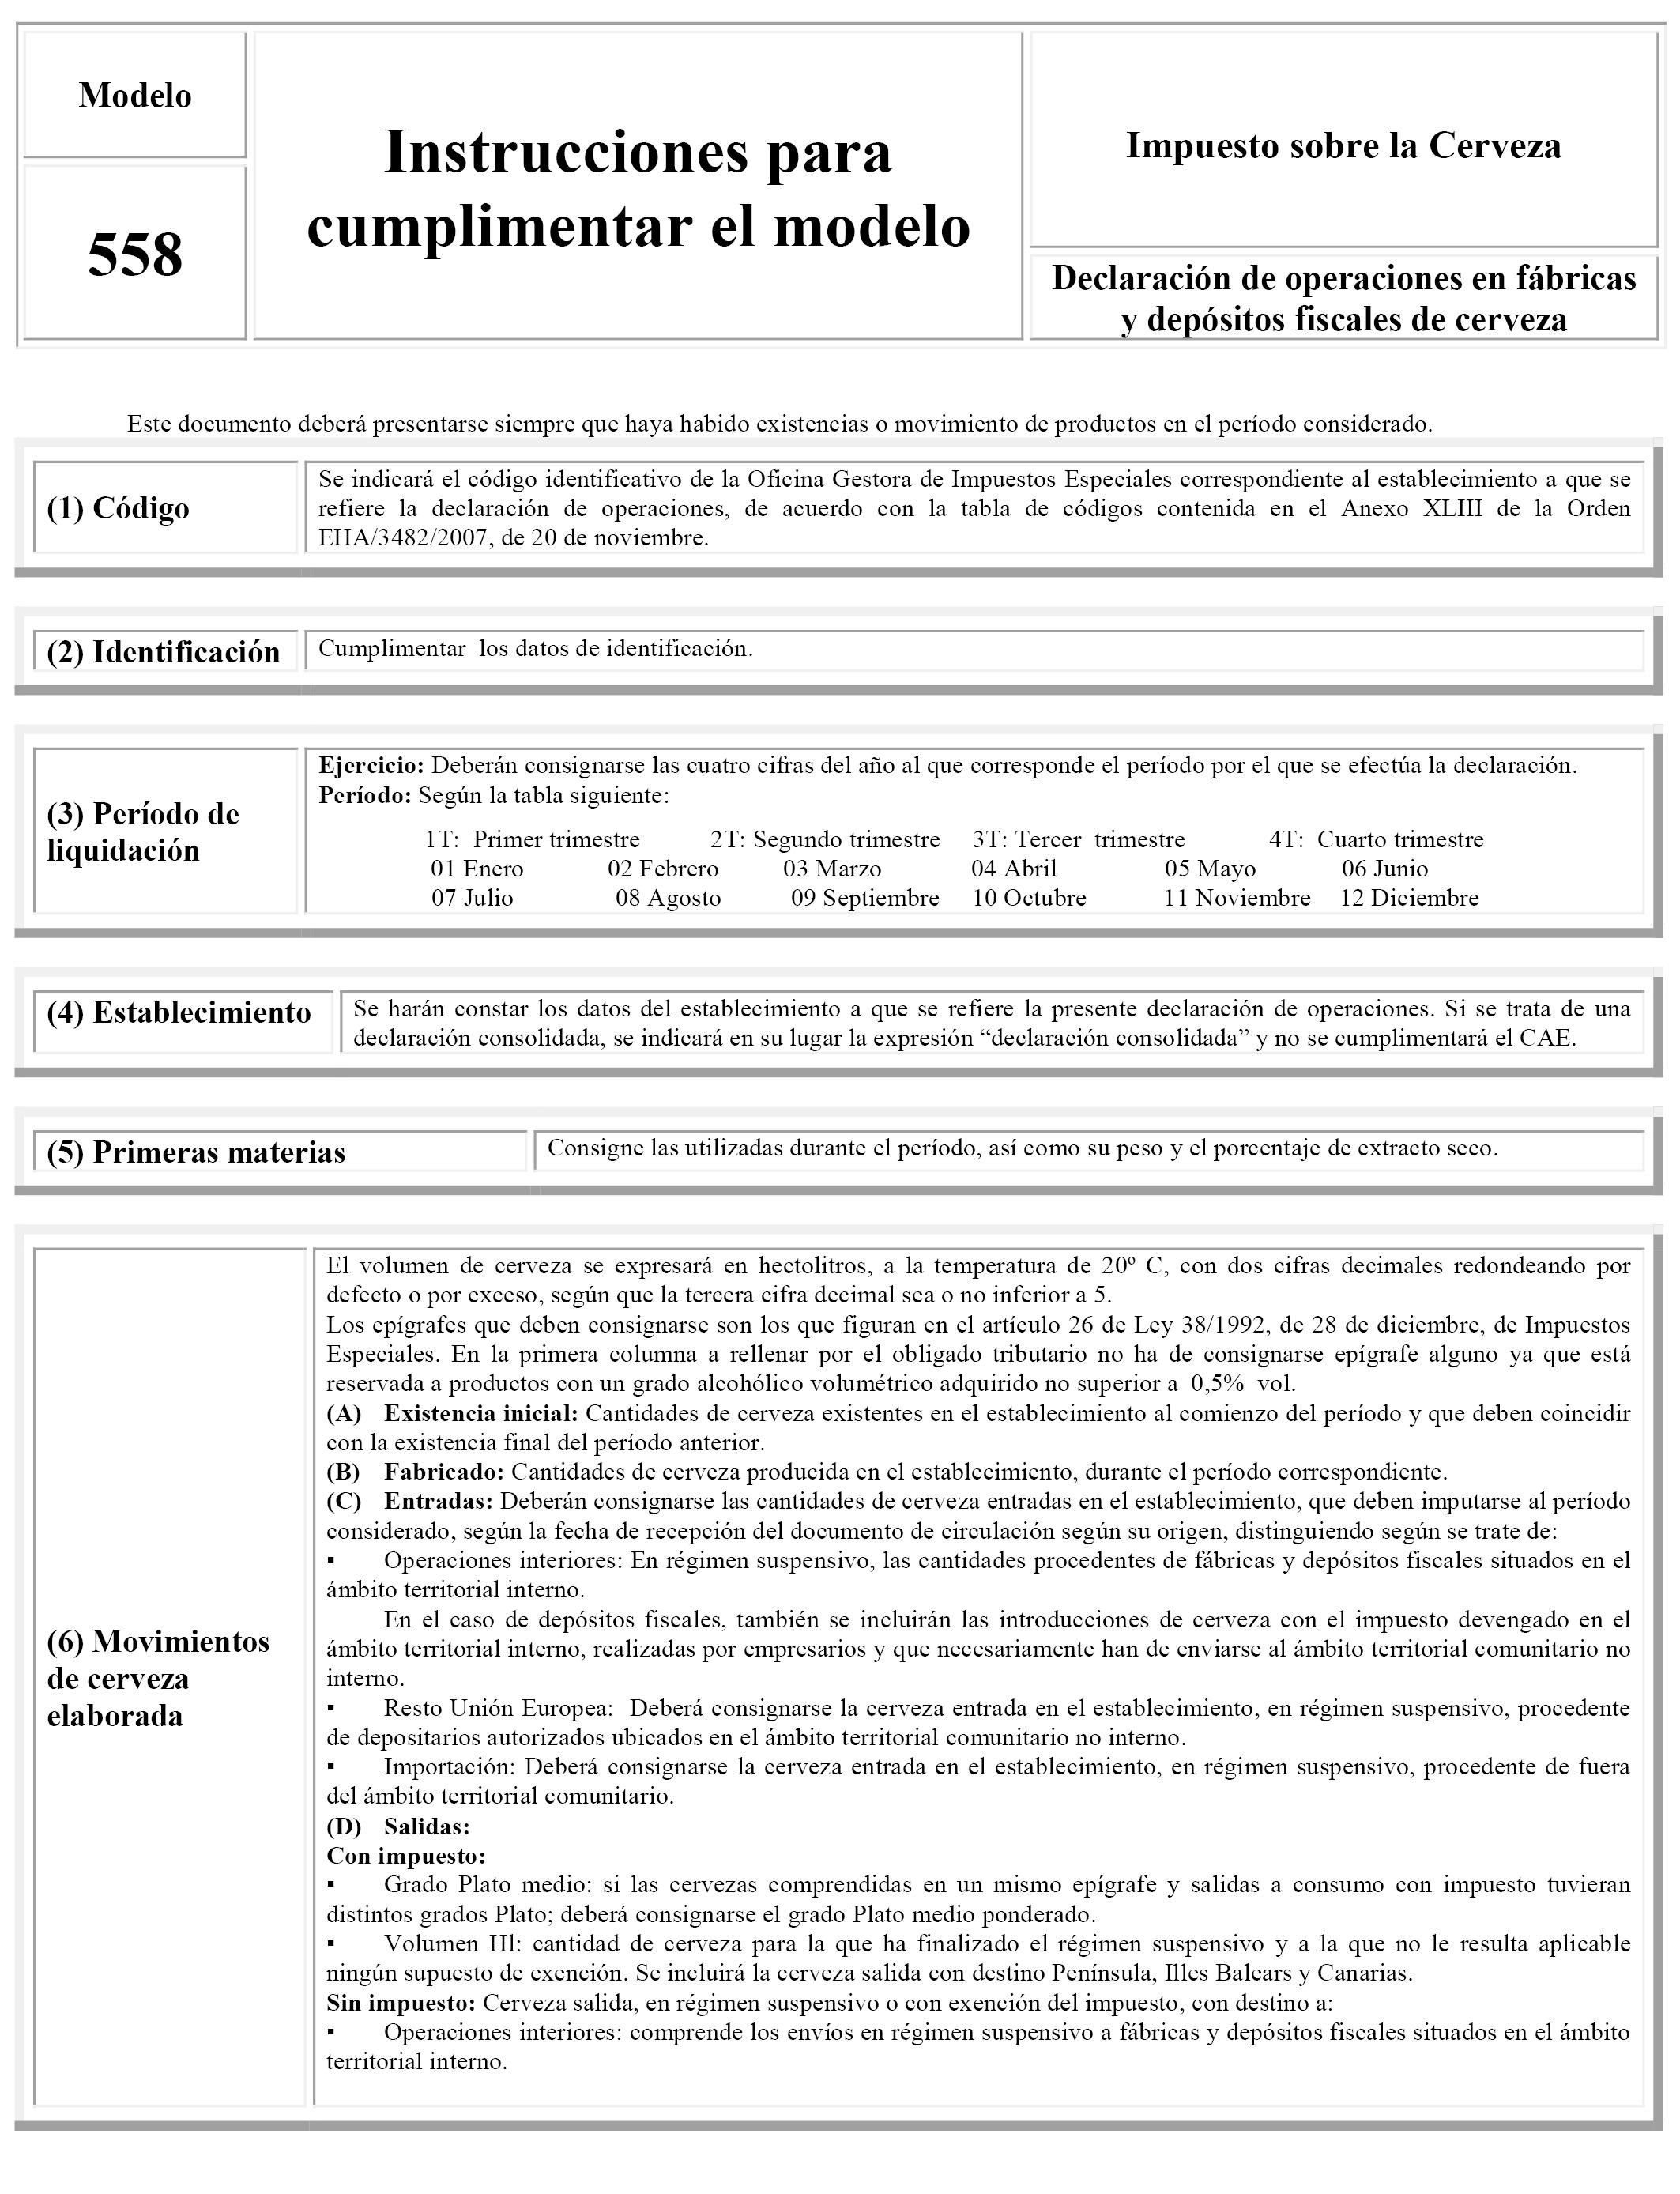 Excepcional Reanuda Ideas Objetivas Modelo - Ejemplo De Colección De ...